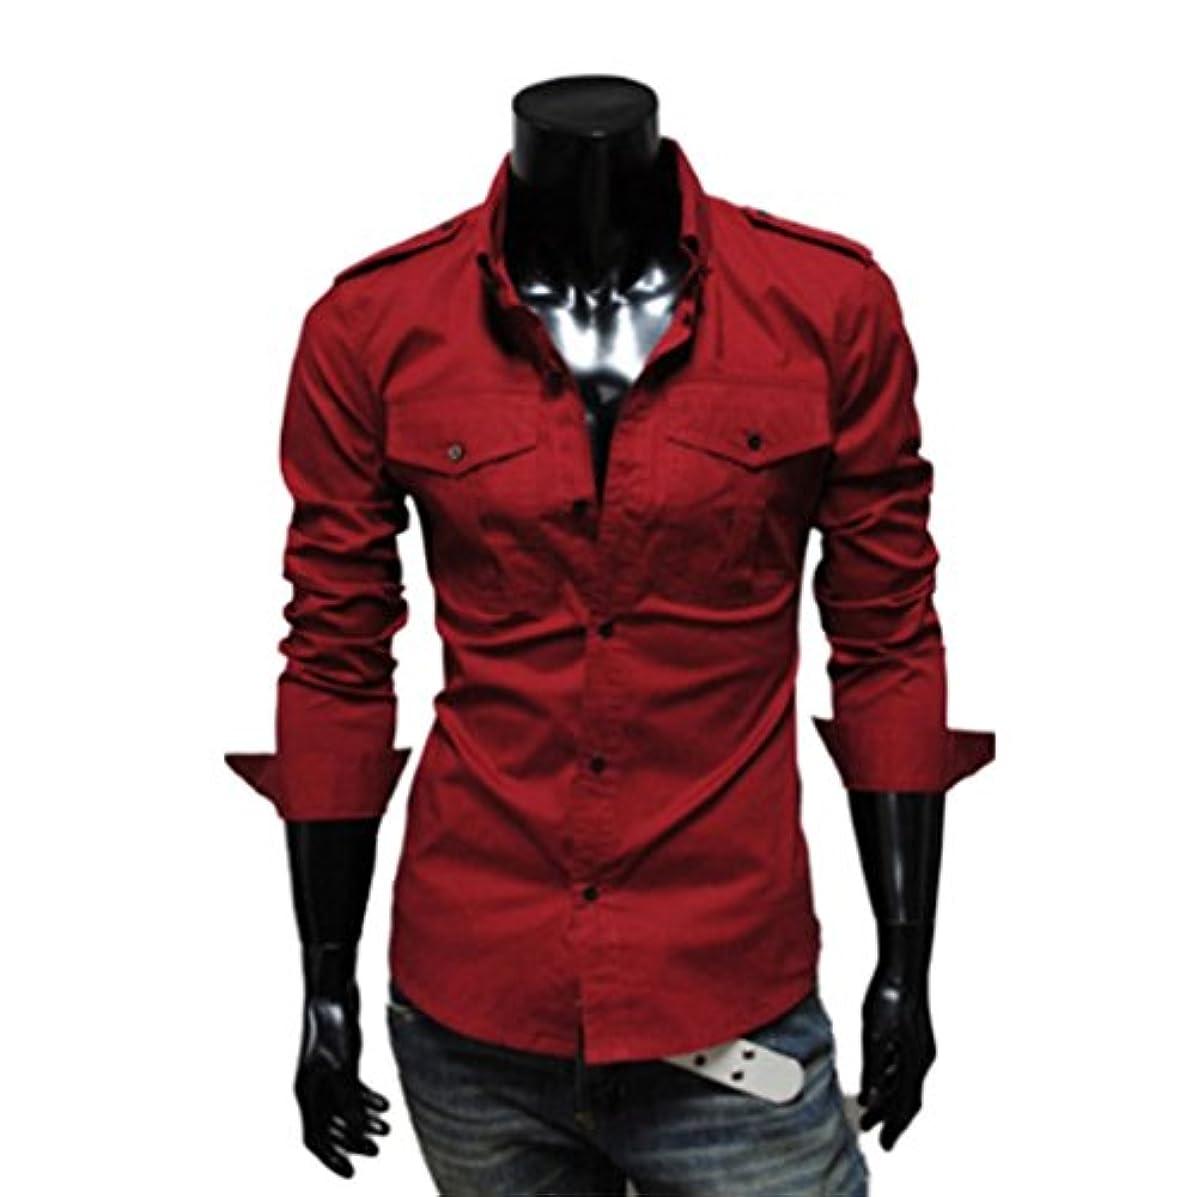 くさびぬいぐるみ詩人Honghu メンズ シャツ 長袖 ポケット カジュアル レッド XL 1PC